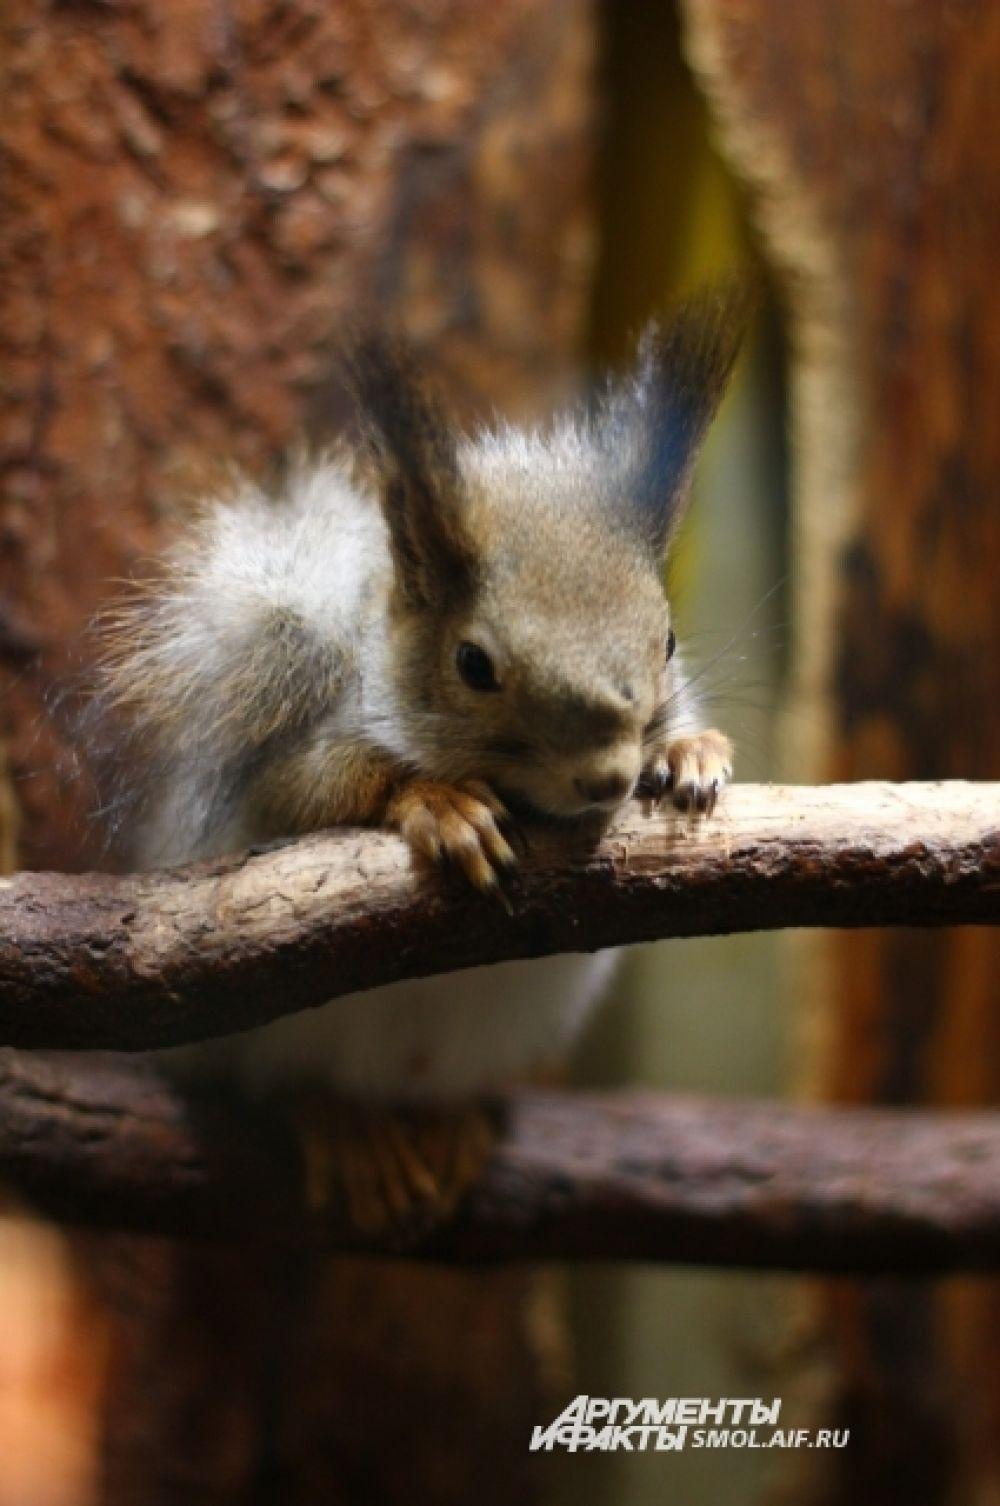 Спускаясь с деревьев после зимы, белки часто начинают собирать новые запасы - например, шишки, сброшенные птицами.